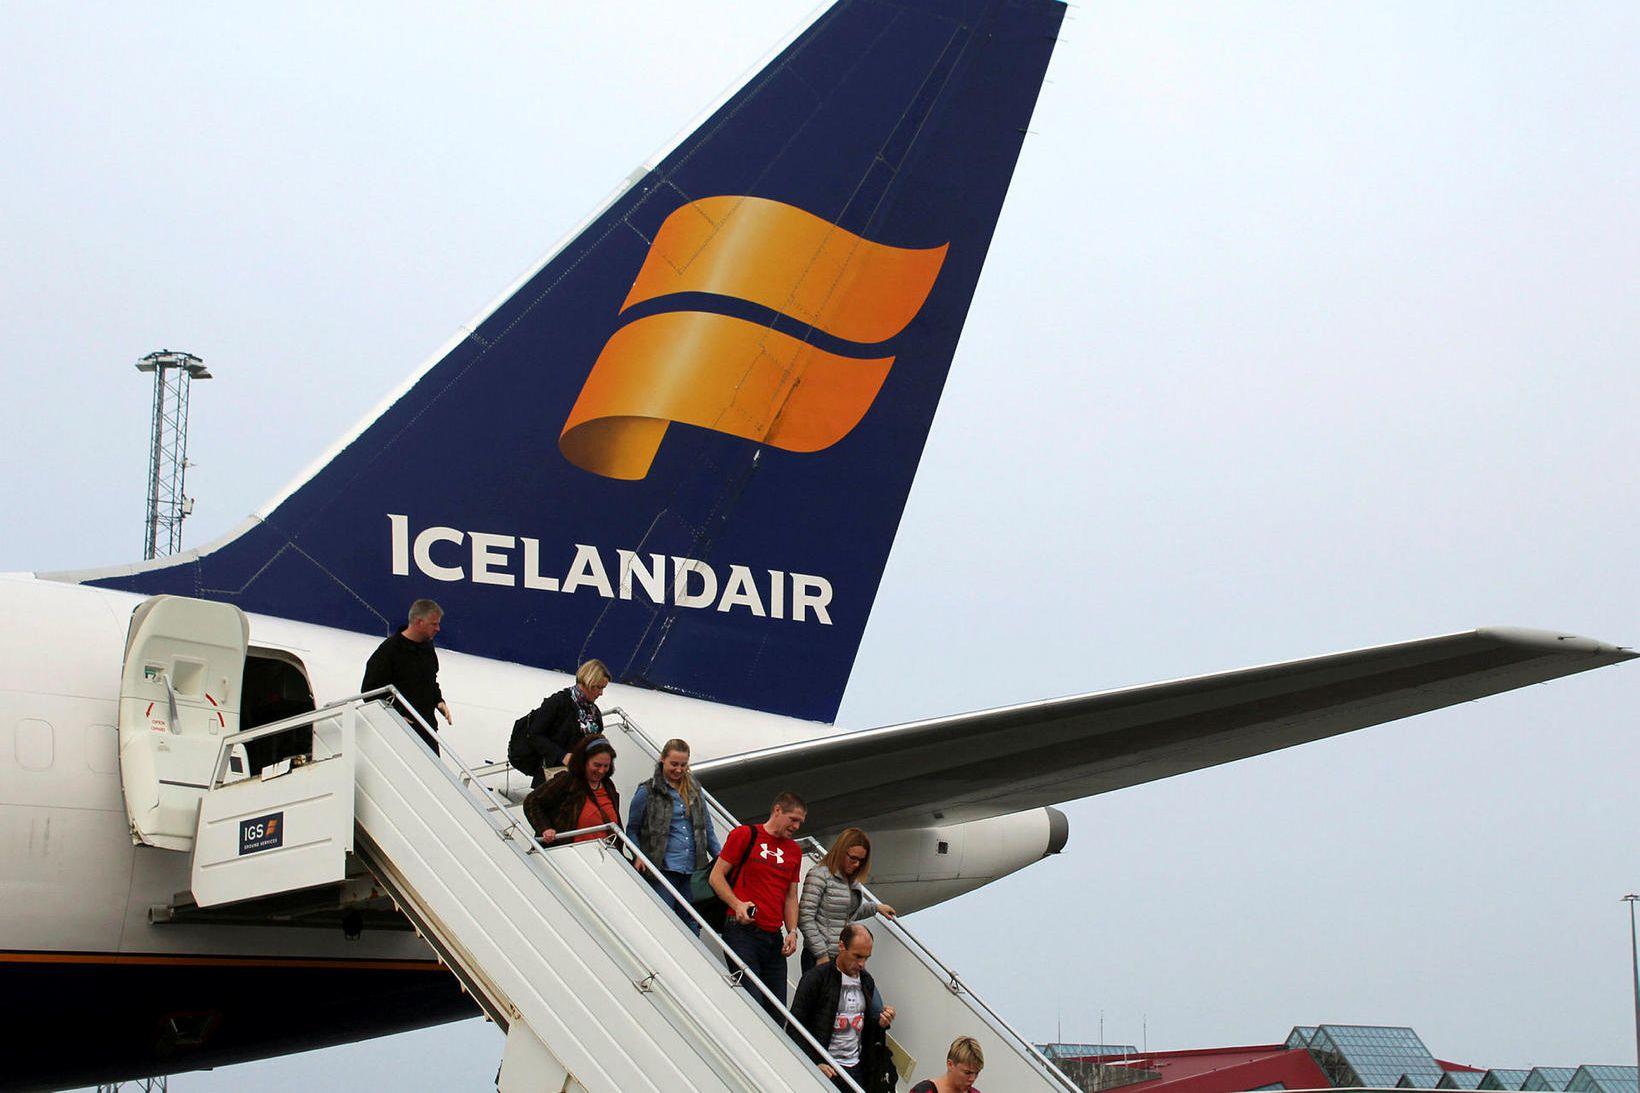 Umframeftirspurn var eftir bréfum í Icelandair í hlutafjárútboði félagsins, sem …